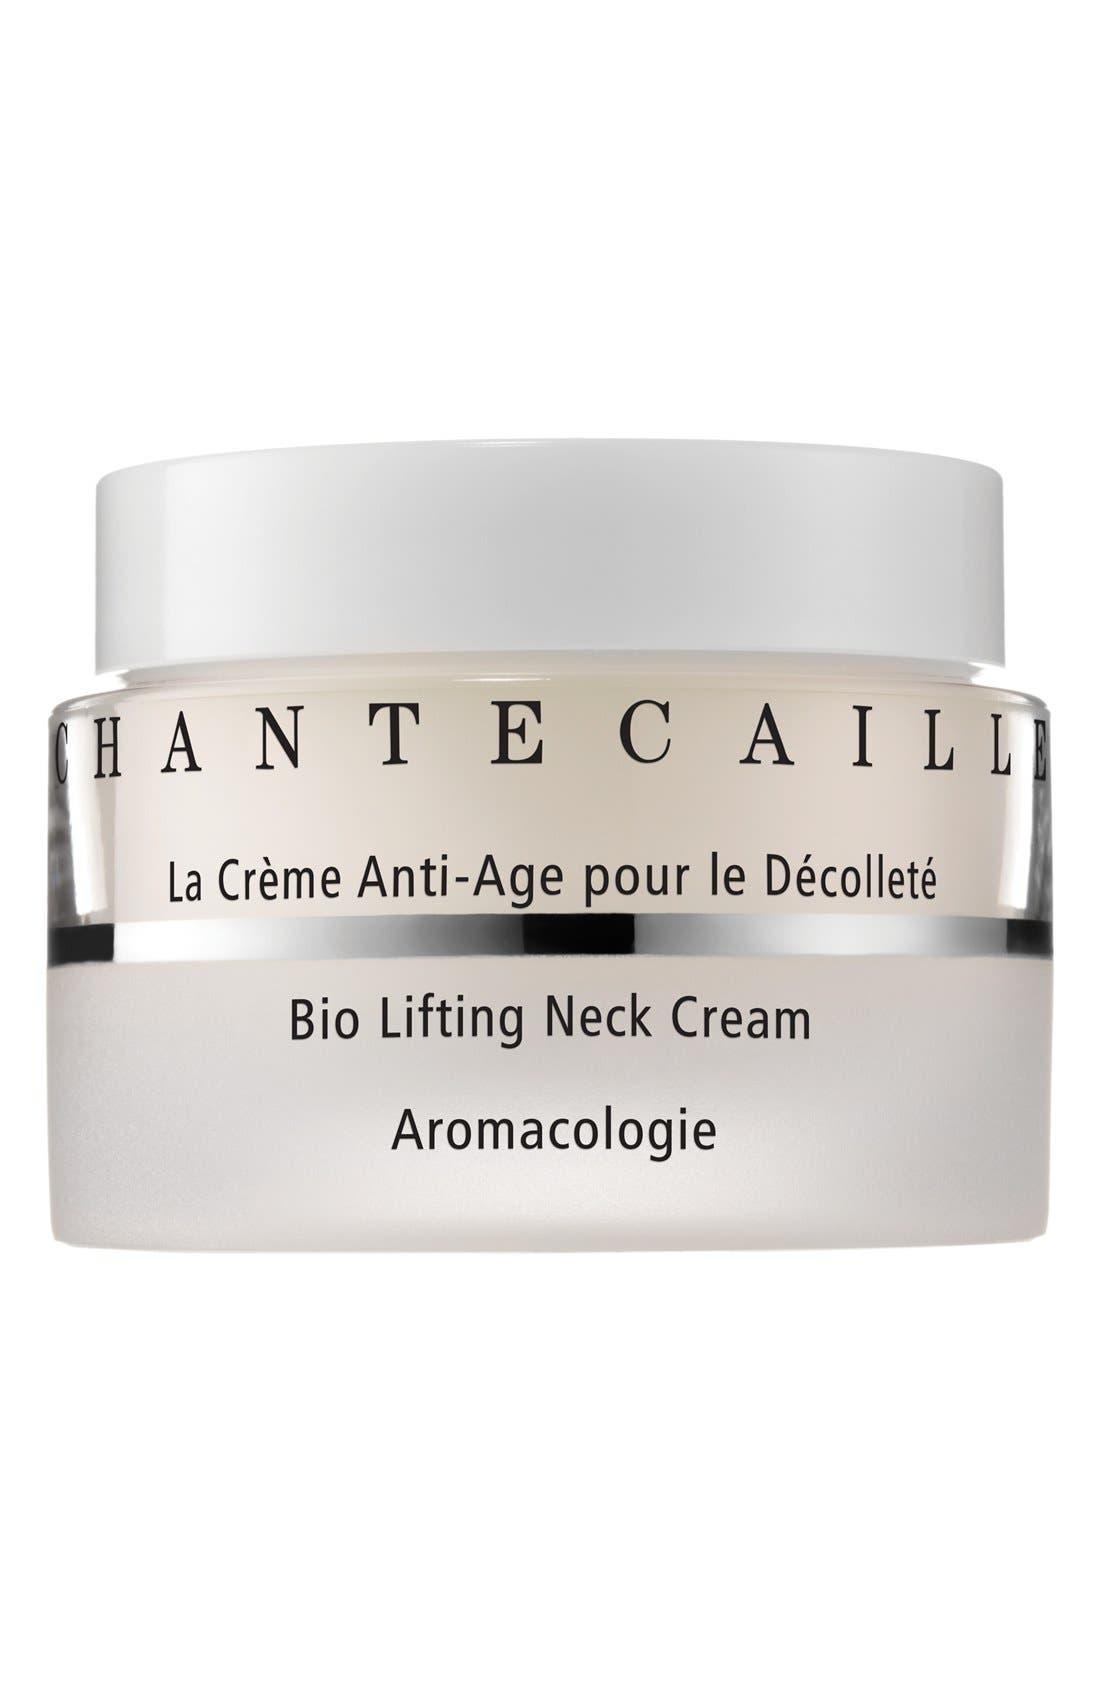 Chantecaille Bio Lifting Neck Cream